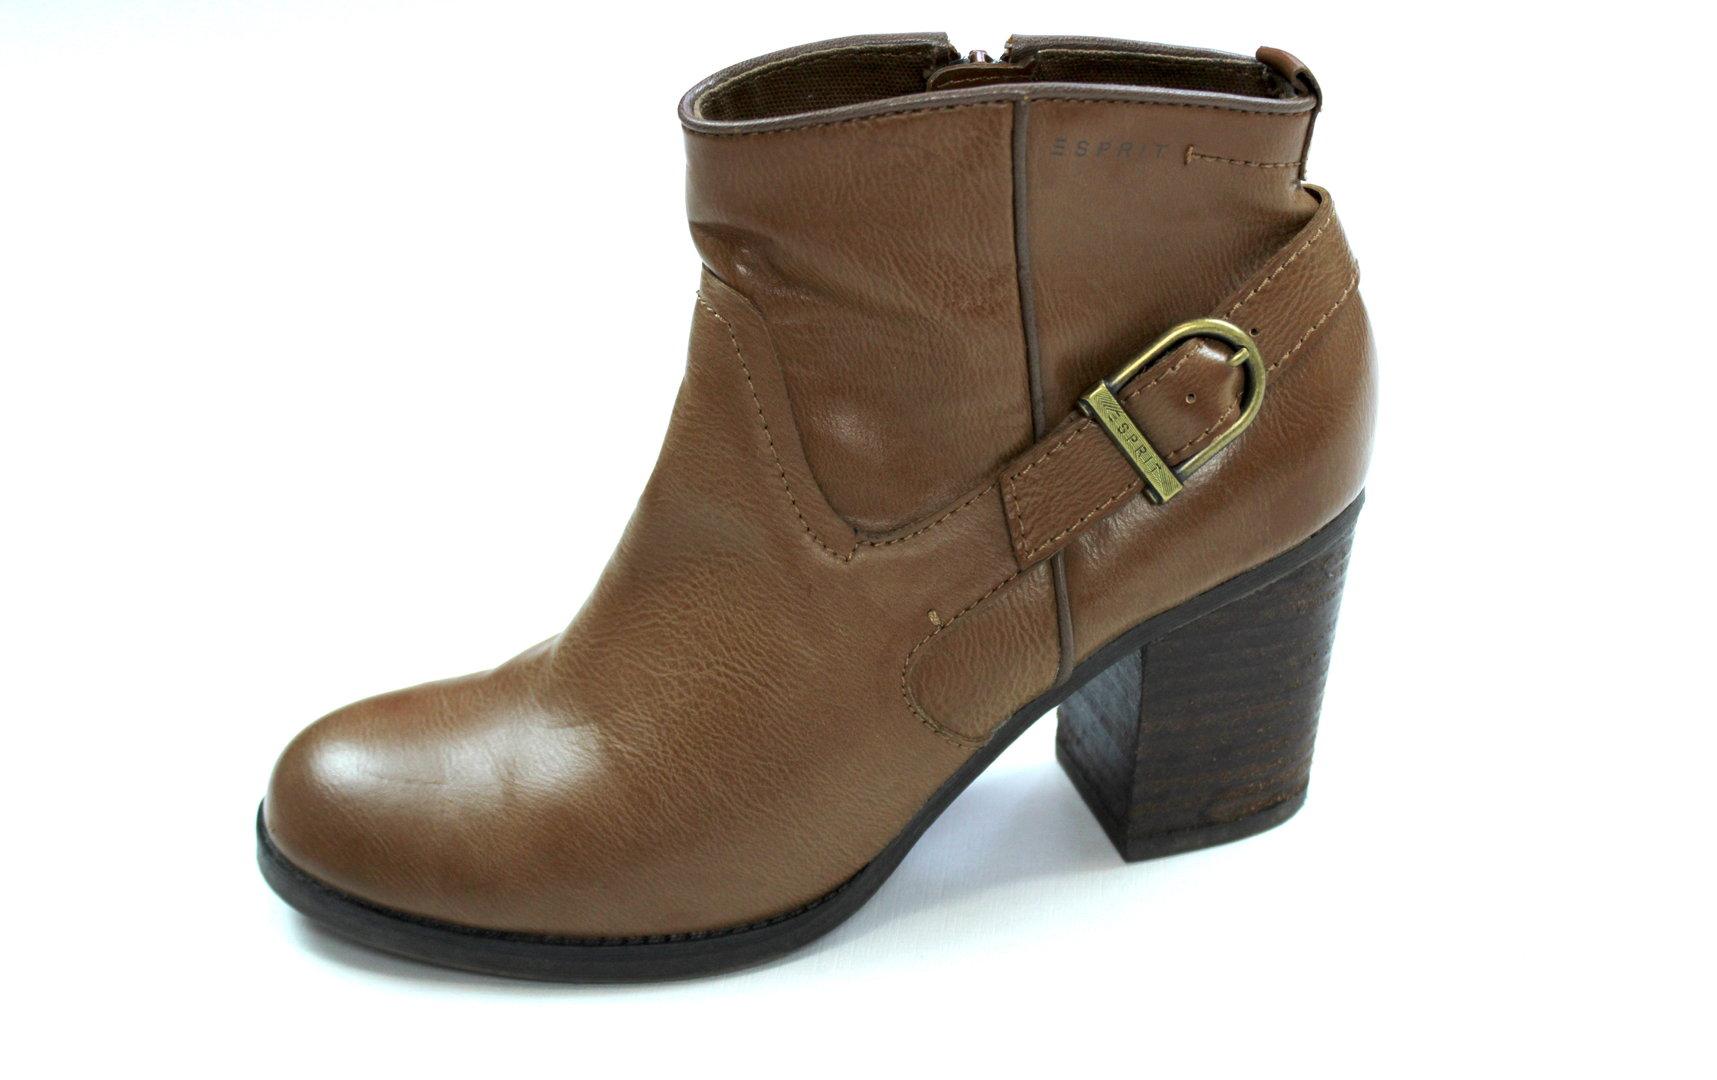 Boots Braun Damen Leder 39 Esprit Stiefeletten O0wnP8k